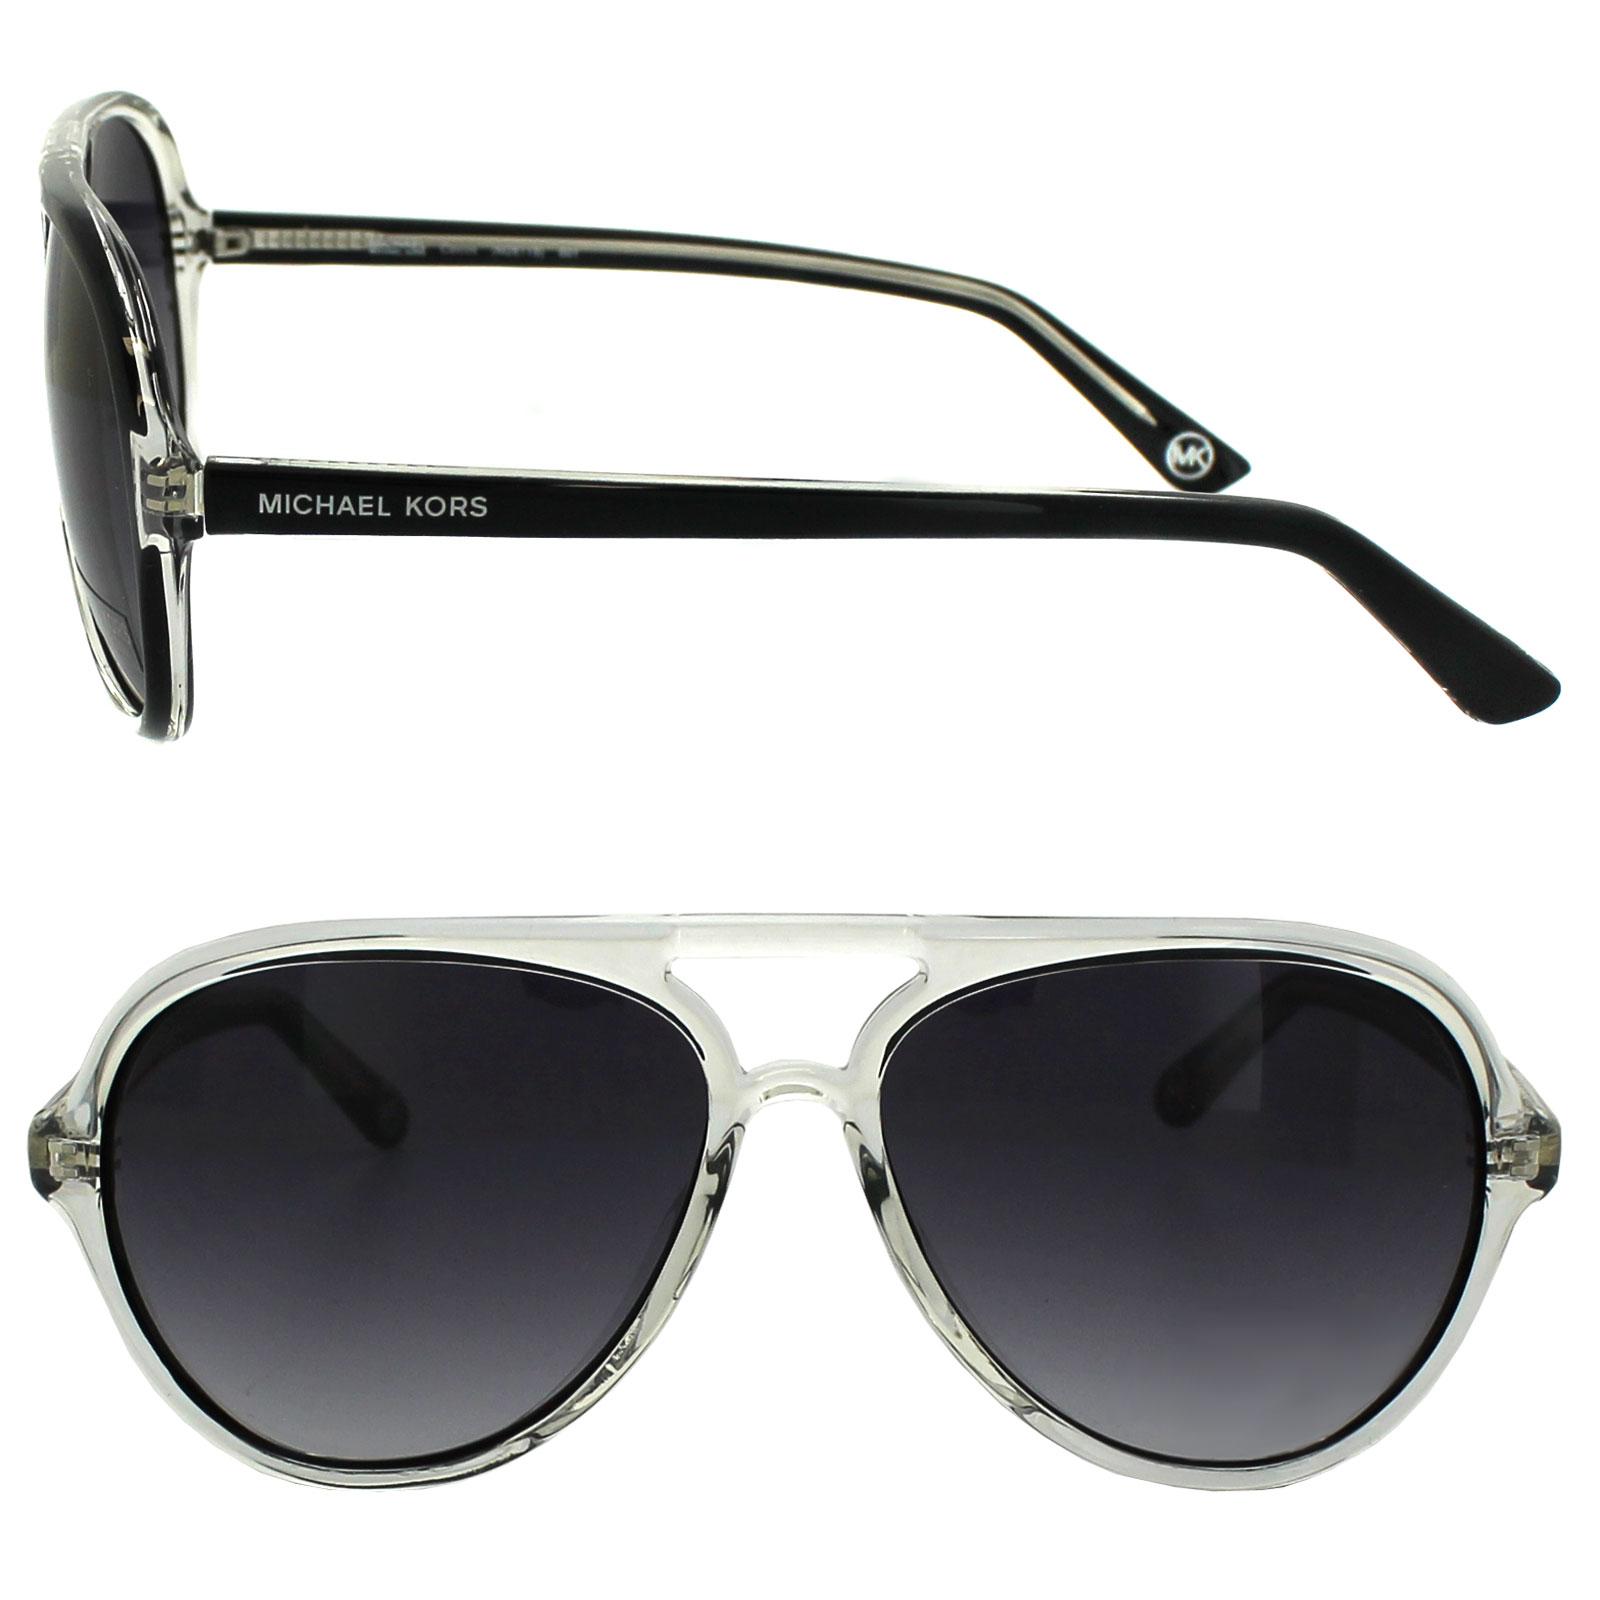 4375144a7e4 Cheap Michael Kors Caicos M2811S Sunglasses - Discounted Sunglasses